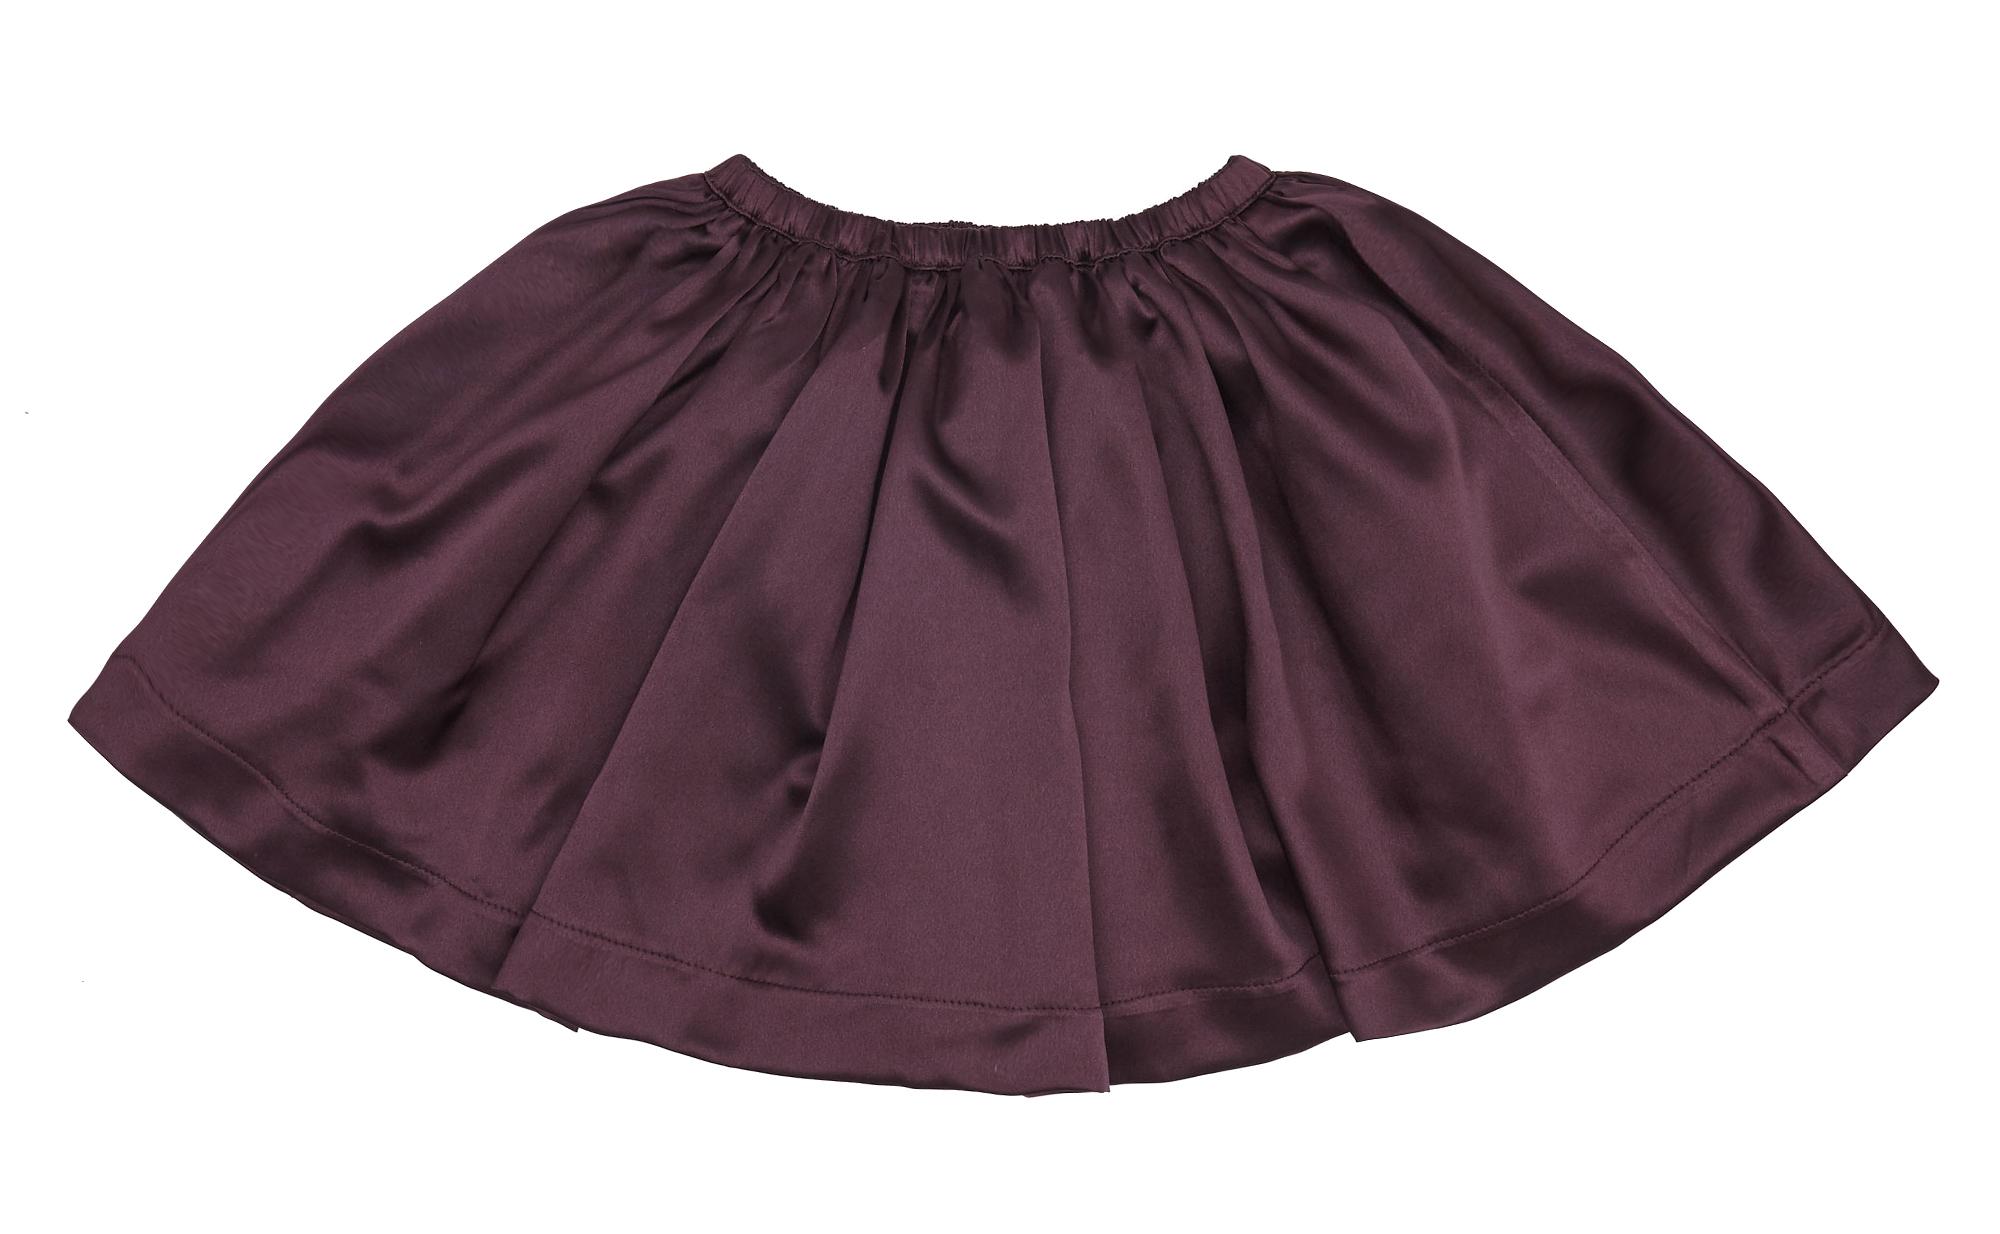 Scarlet skirt burgundy.jpg